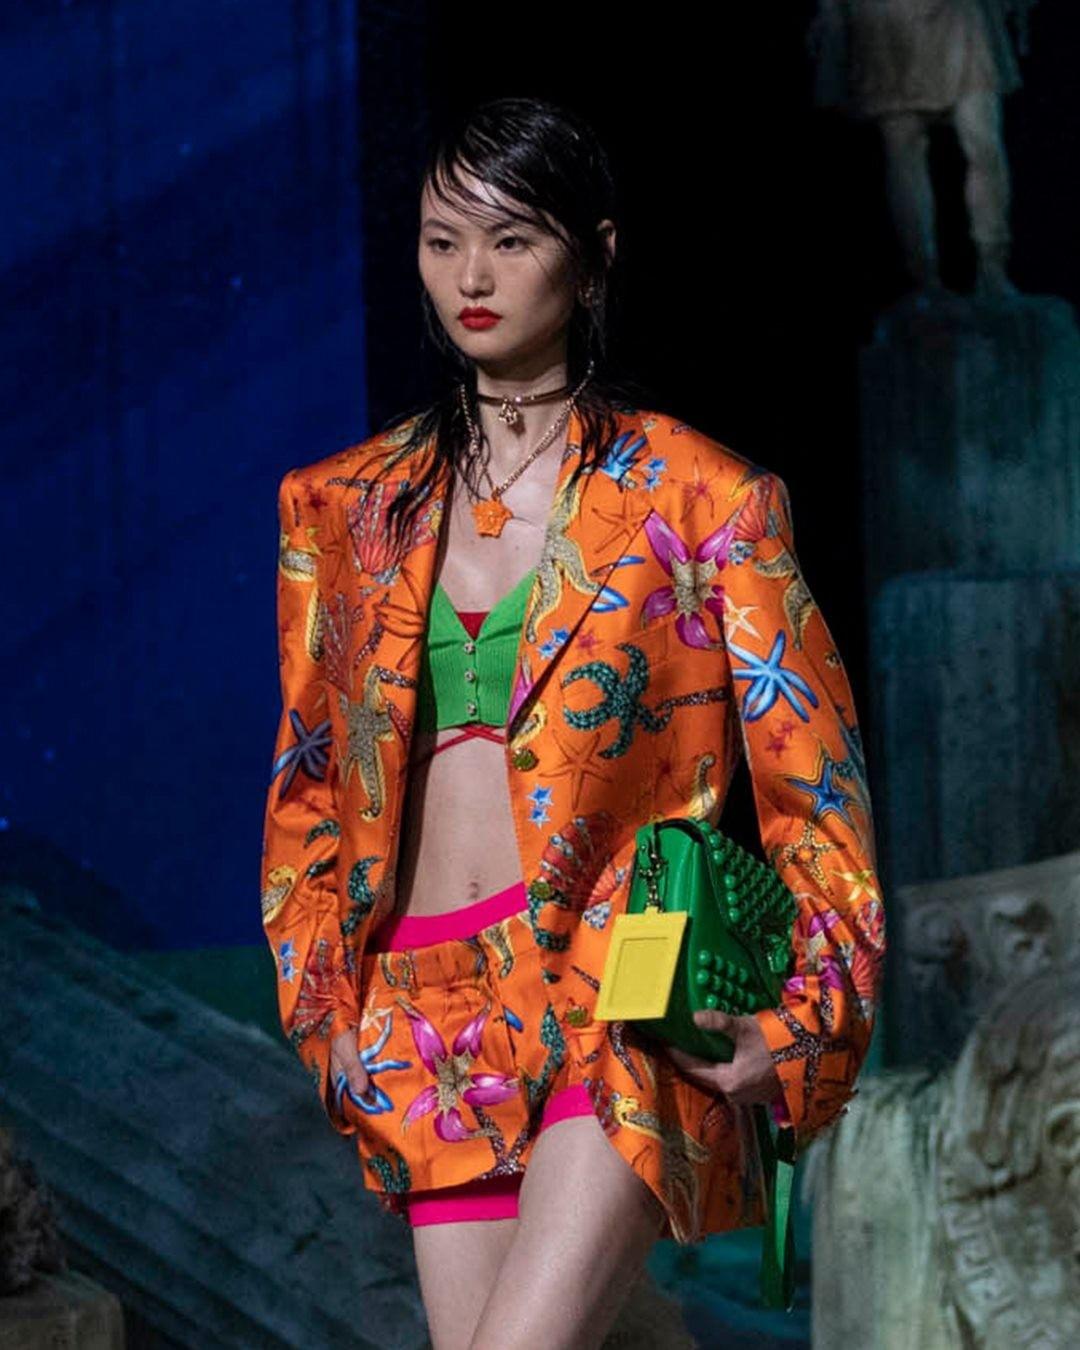 versace fashion: 9